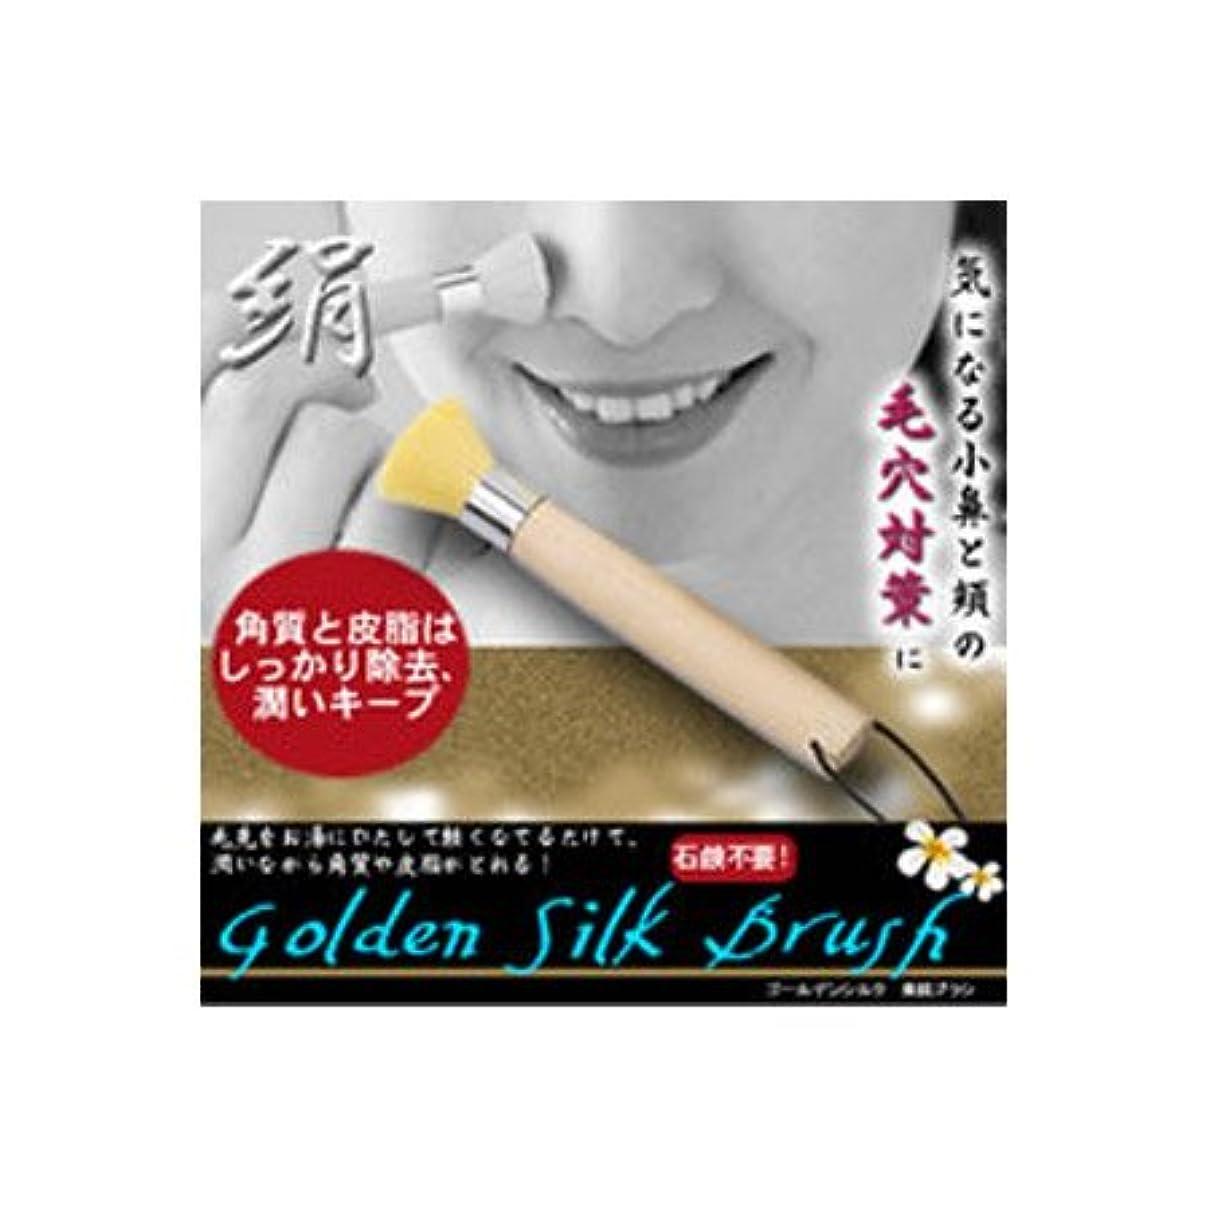 トレーニング決して受粉するゴールデンシルク 美肌ブラシ 小鼻用